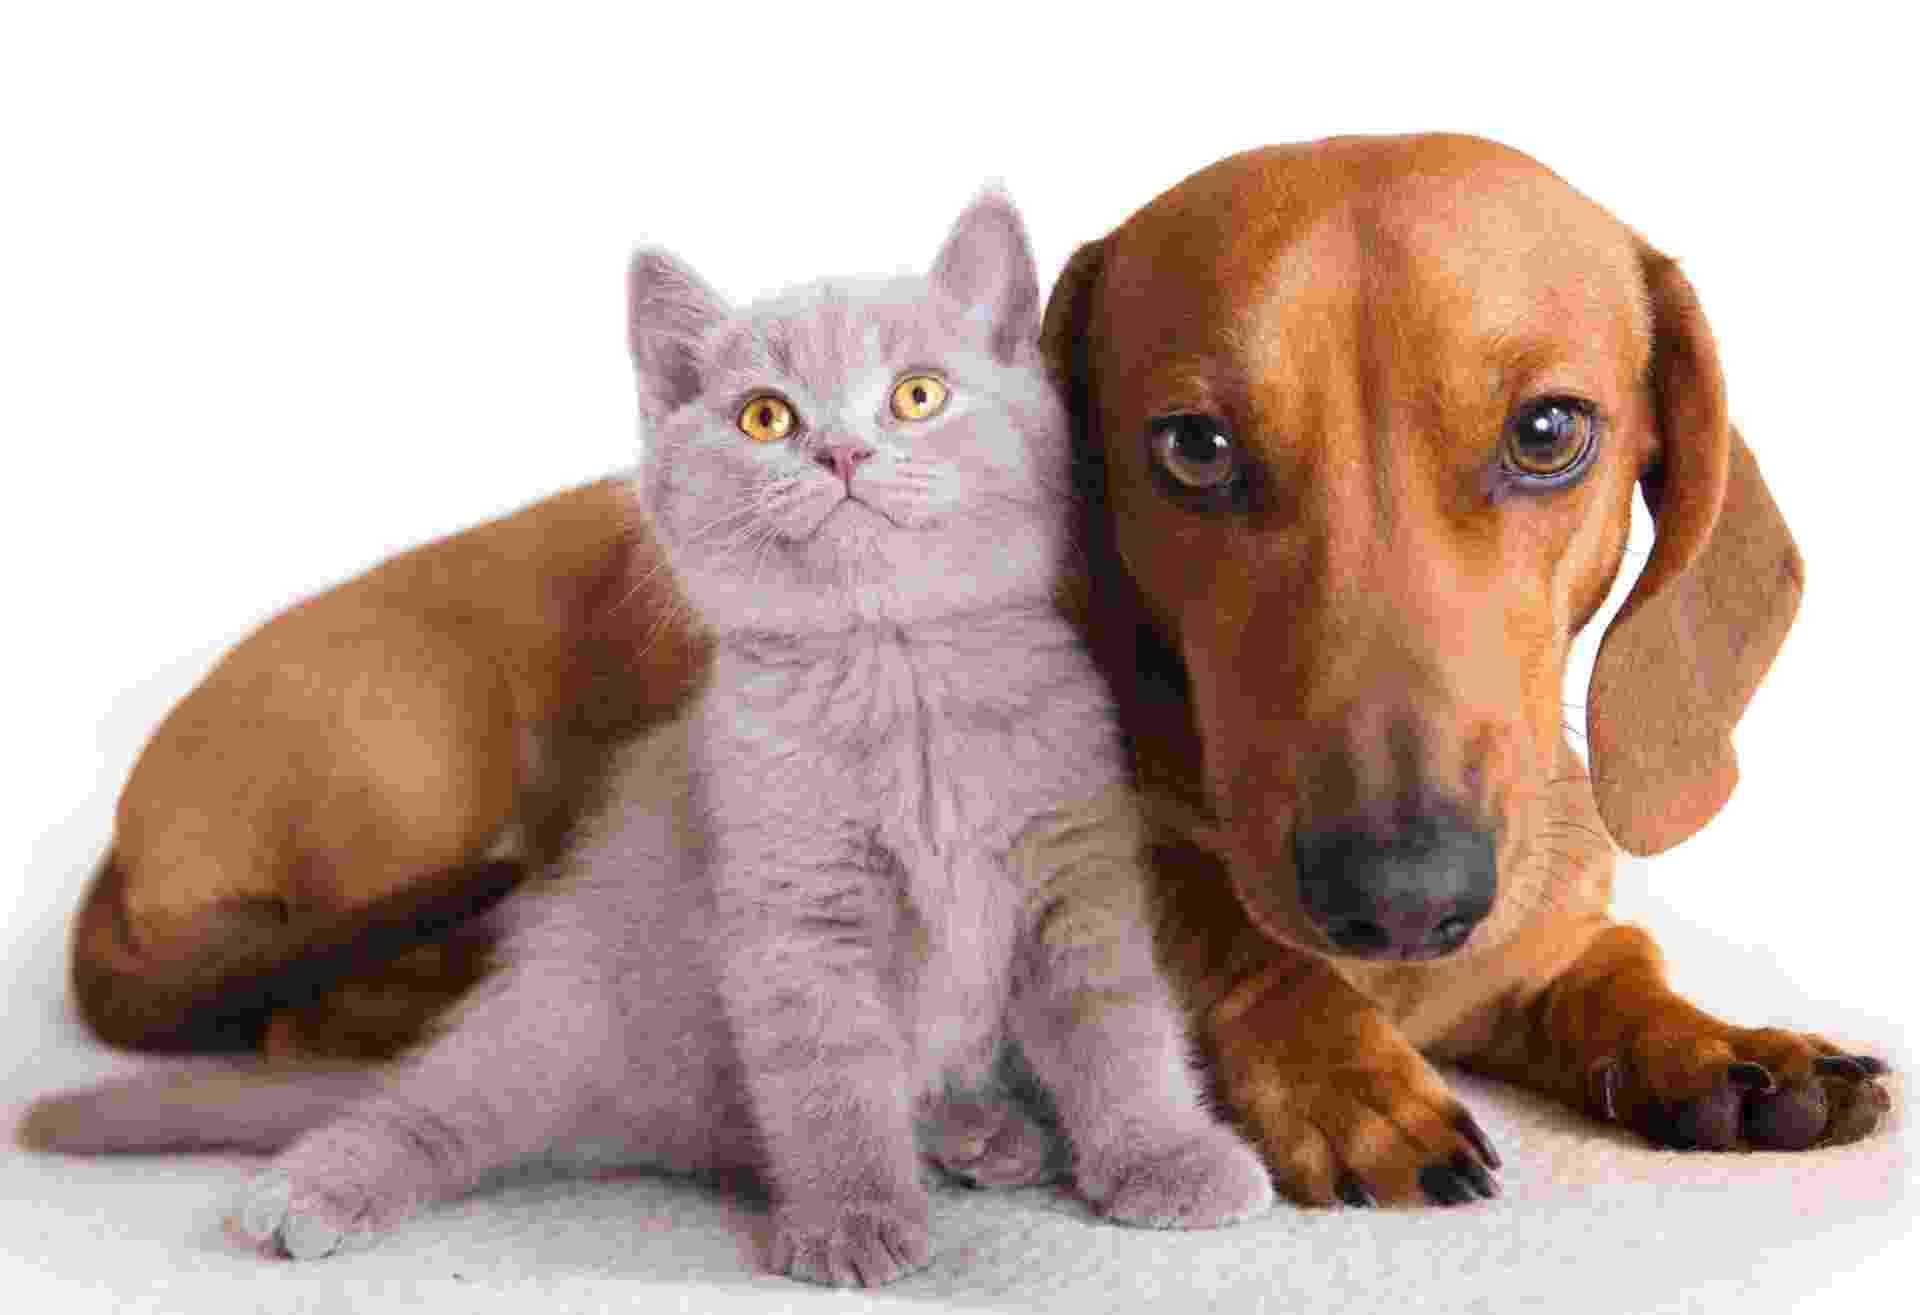 O Dachshund ou Teckel é um cão de pequeno porte que pode viver em apartamentos, mas o exercício é indispensável, em especial, para que se evite a obesidade do animal. Embora ciumento e dominante em relação aos outros cães, a raça se adapta a lares com gatos se acostumados desde filhotes I Fonte: Pet Center Marginal - Getty Images